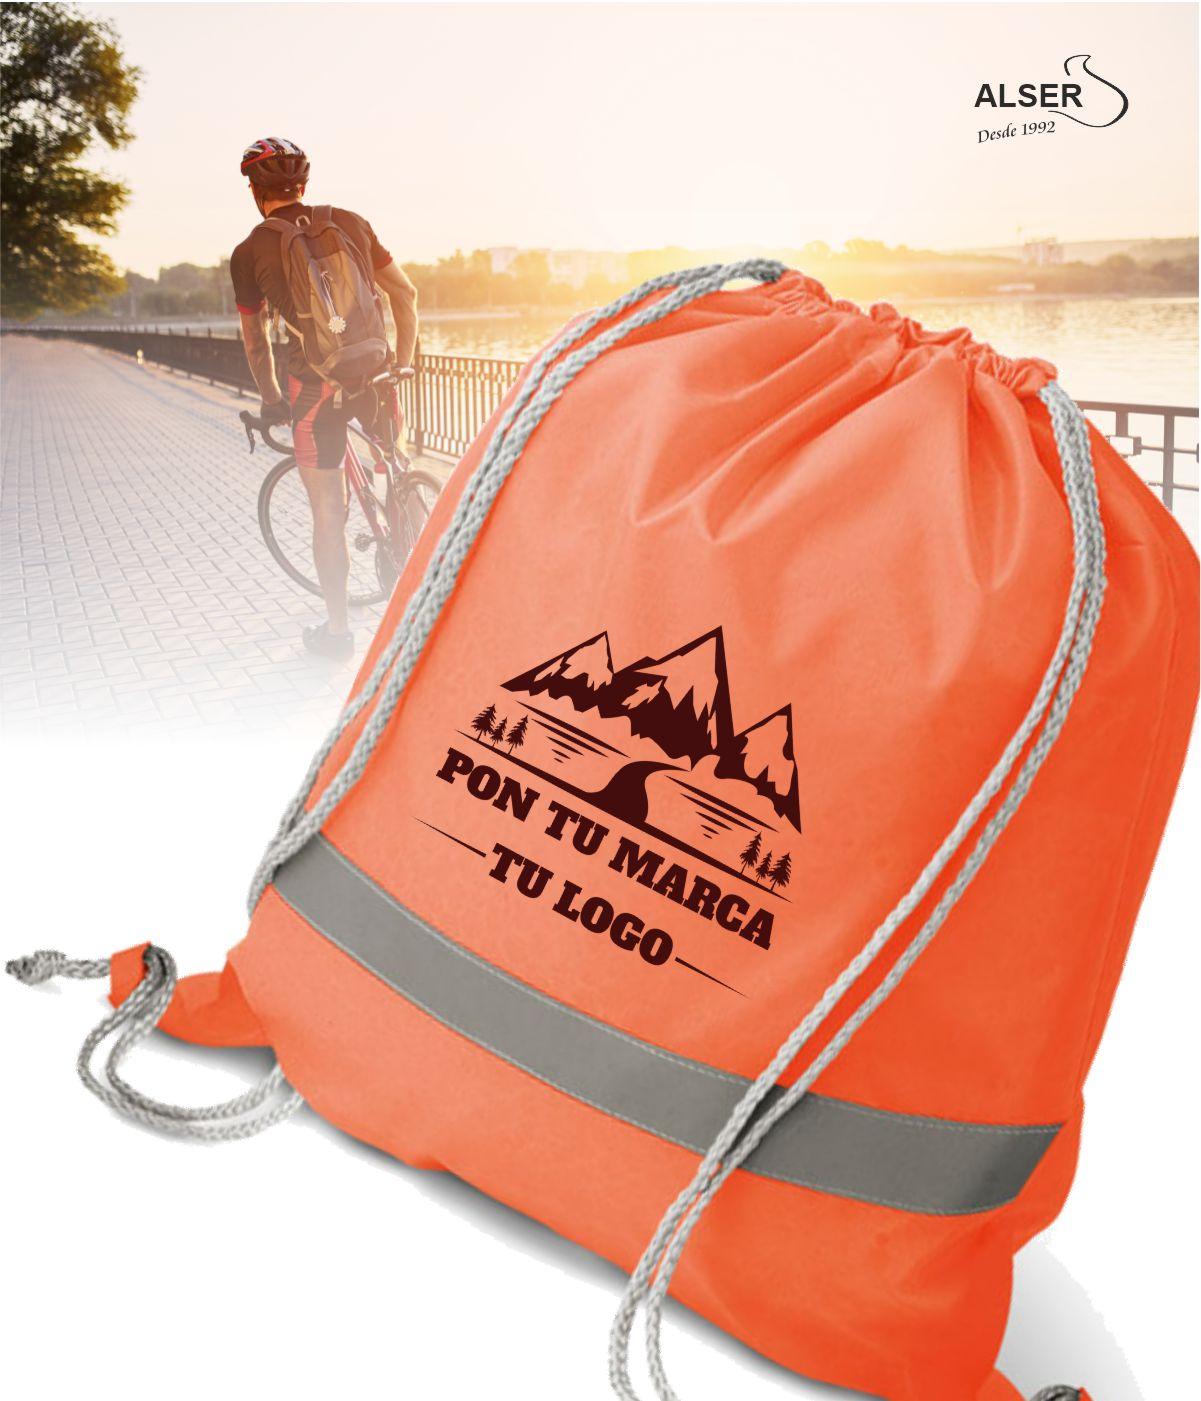 Mochila saco reflectante para publicidad. Colores naranja